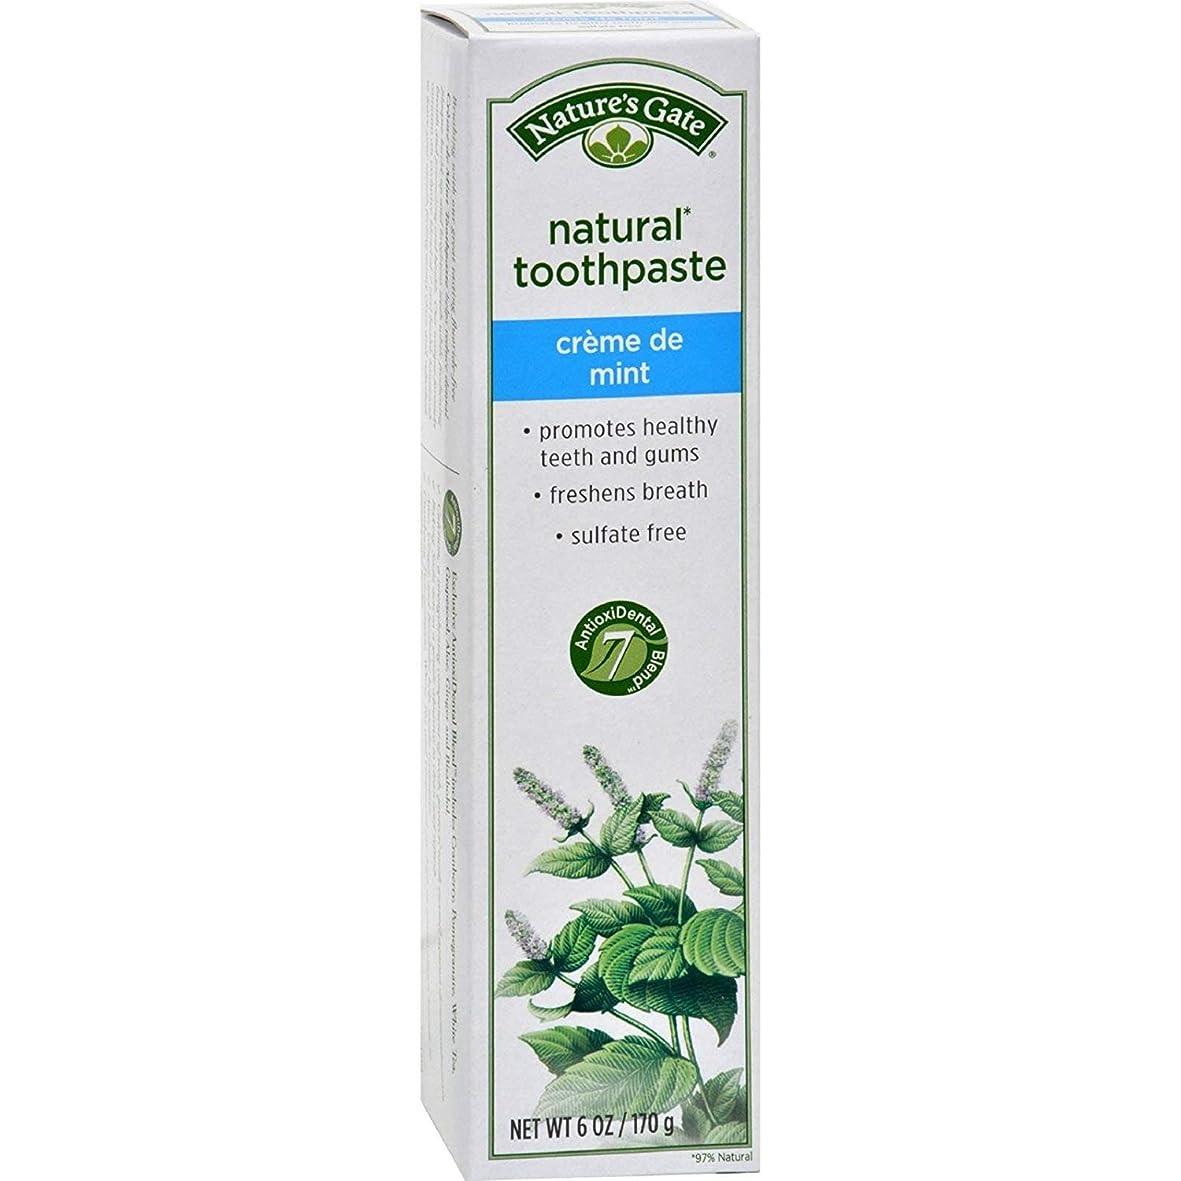 見積り持っている絶対のNature's Gate, Natural Toothpaste, Creme de Mint, 6 oz (170 g)